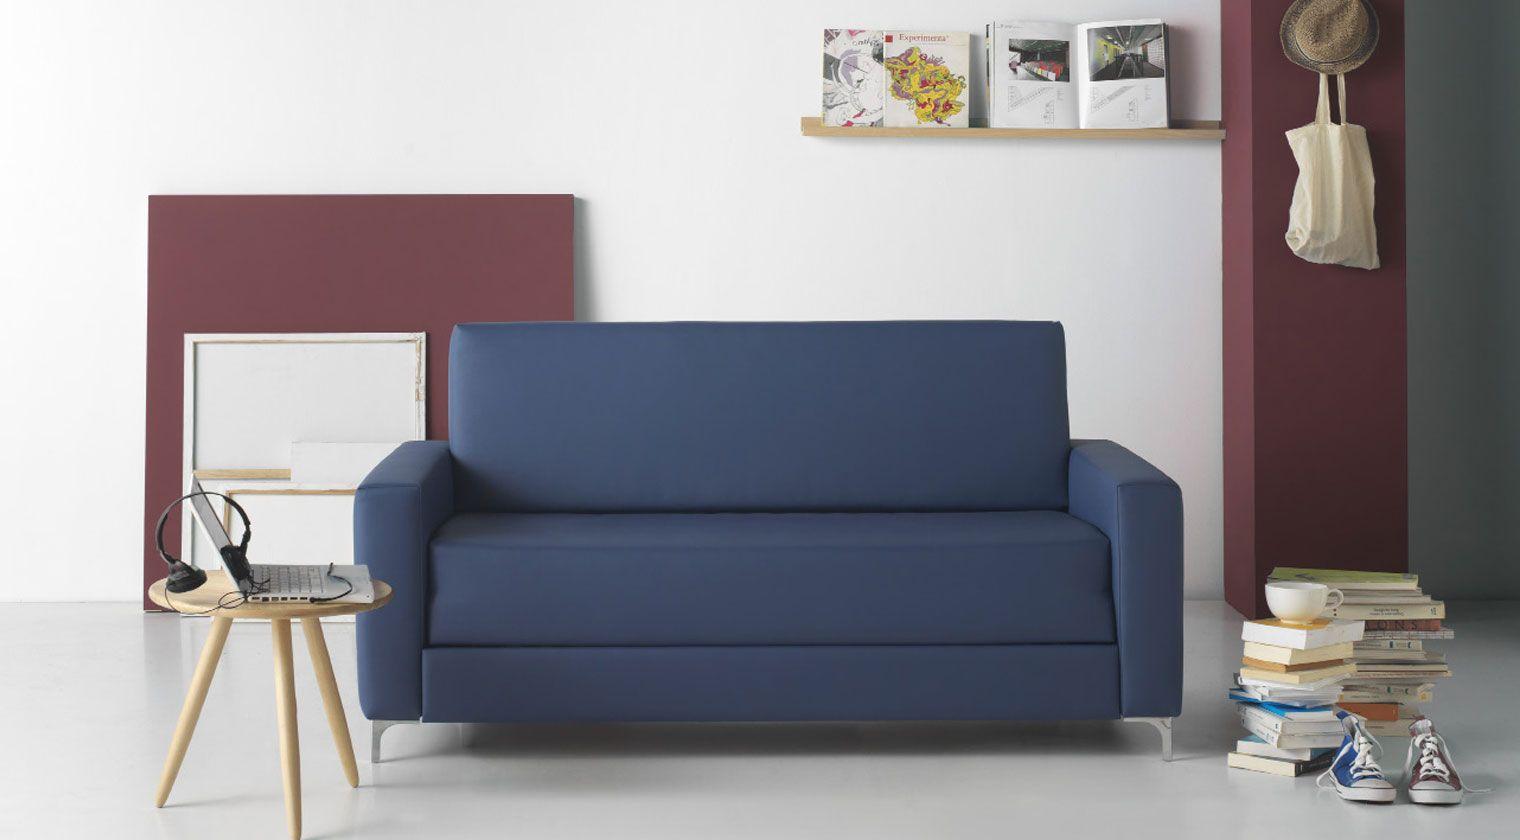 Comprar sof cama brest 1 plaza cama de 80x190 cm bonus for Cama 80x190